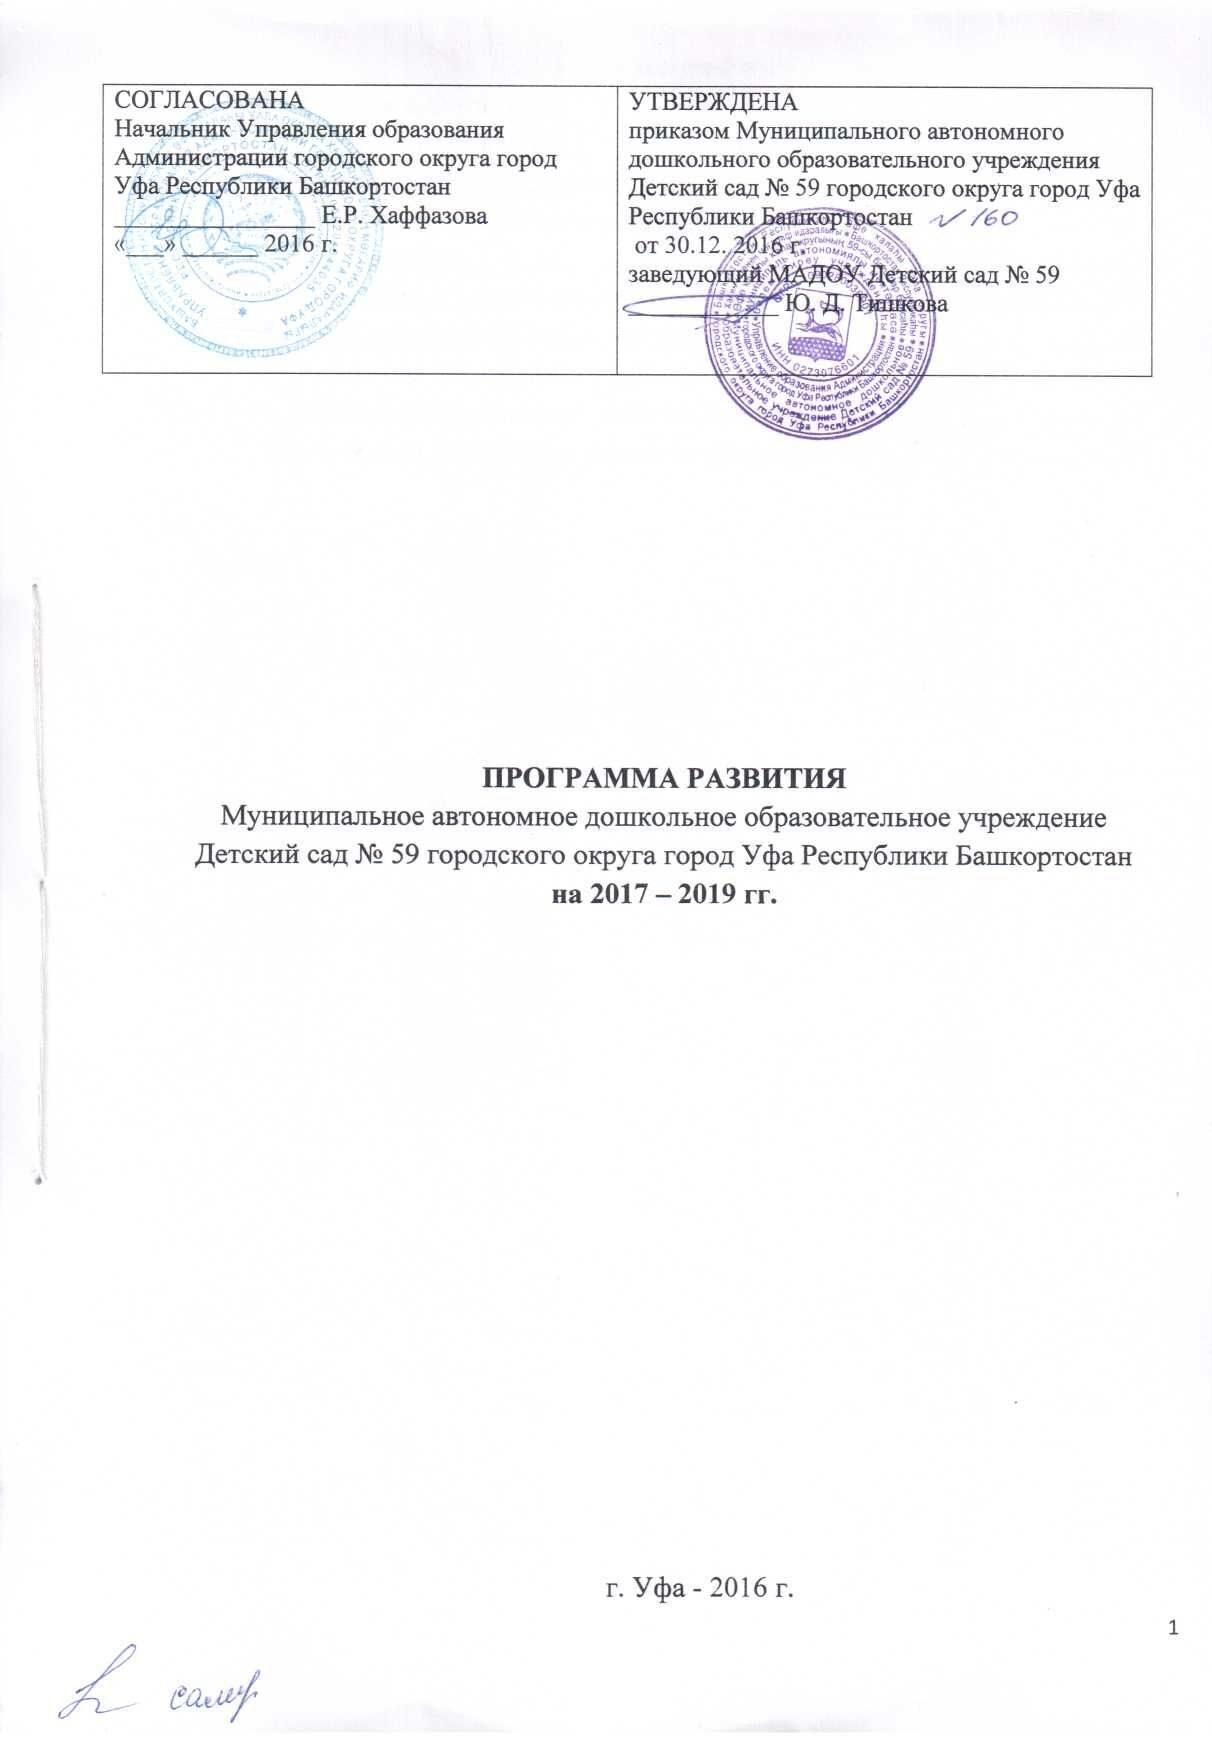 Детские пособия в Уфе и Республике Башкортостан